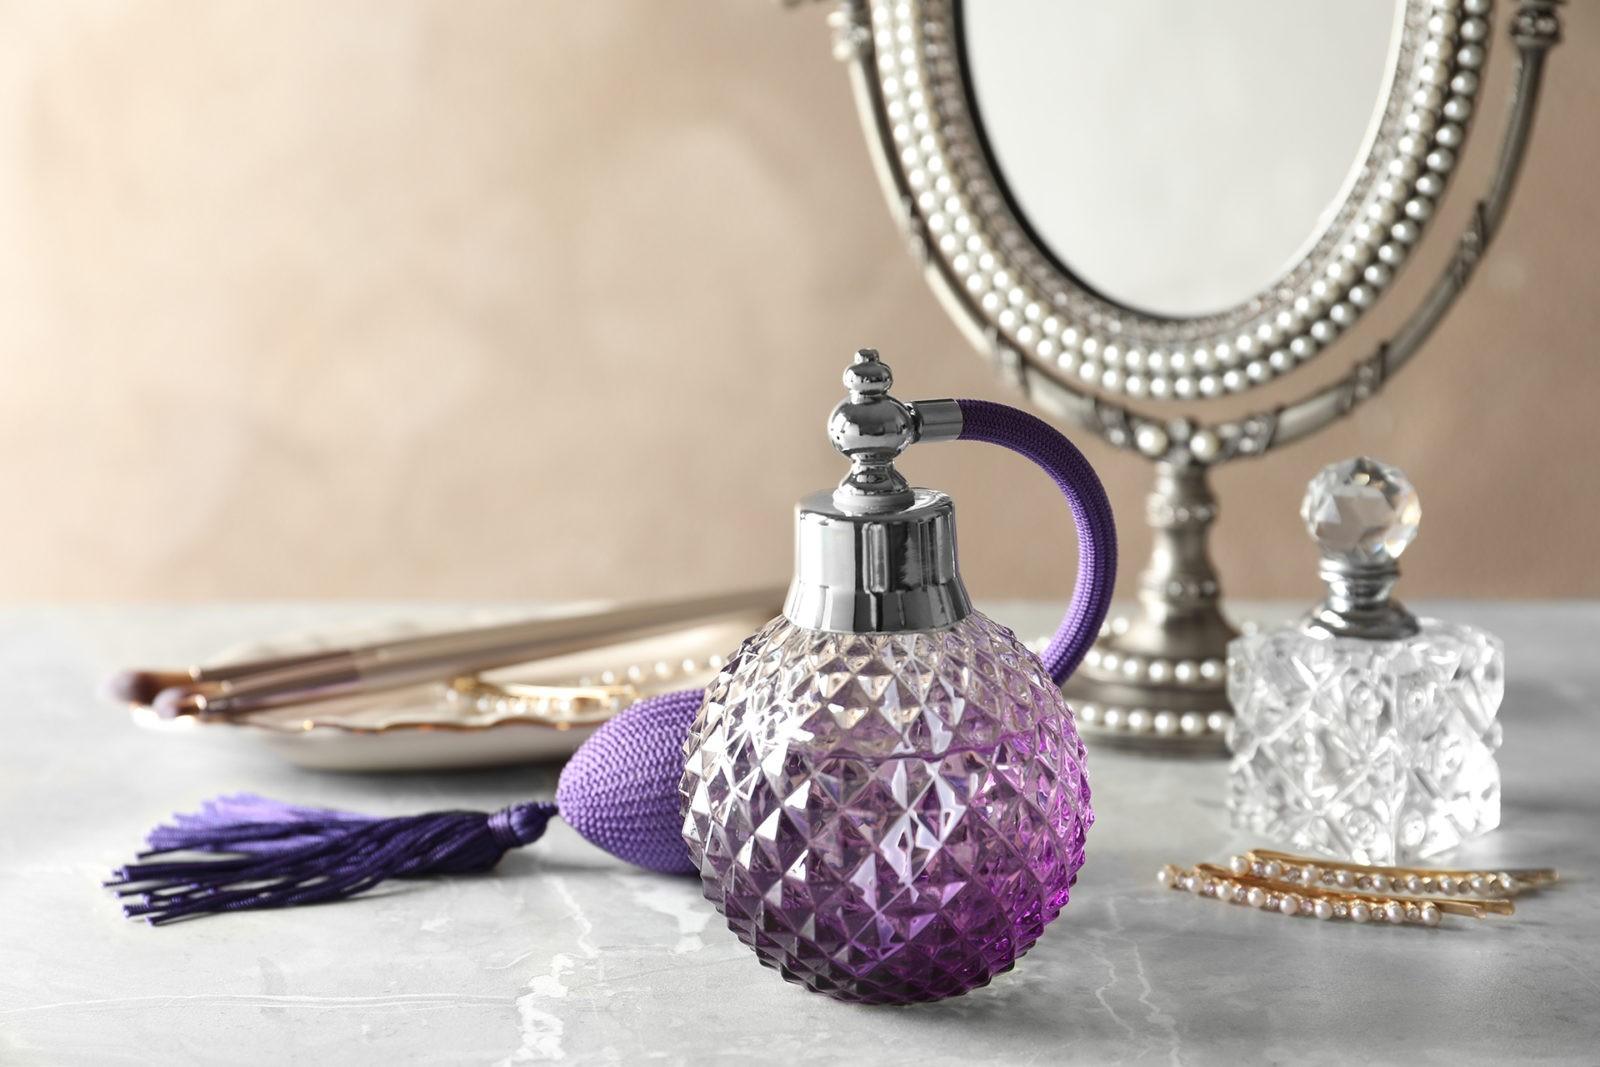 Different elegant perfume bottles on dressing table